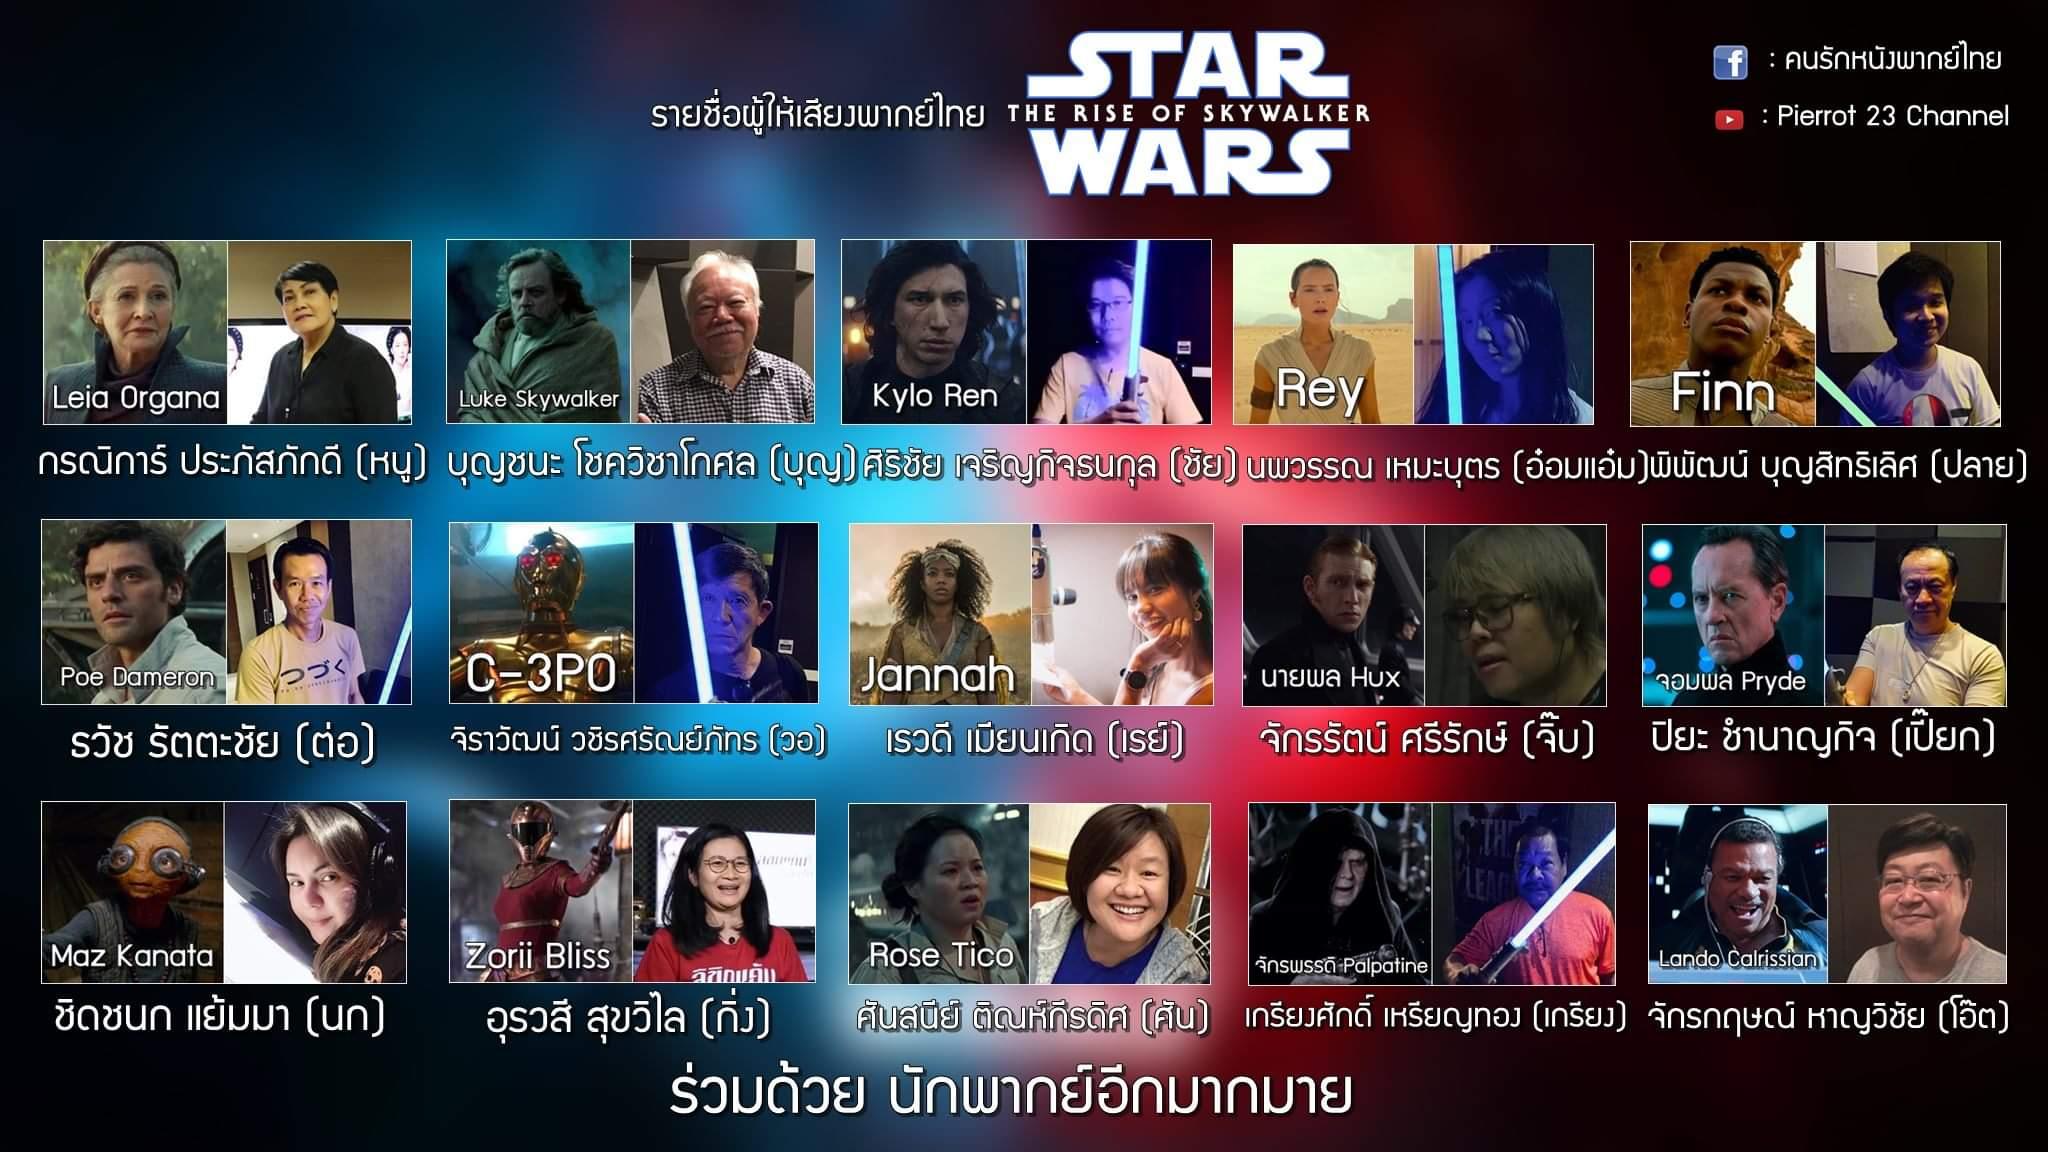 รายชื่อผู้ให้เสียงพากย์ไทย สตาร์ วอร์ส ไตรภาคต่อ.jpg